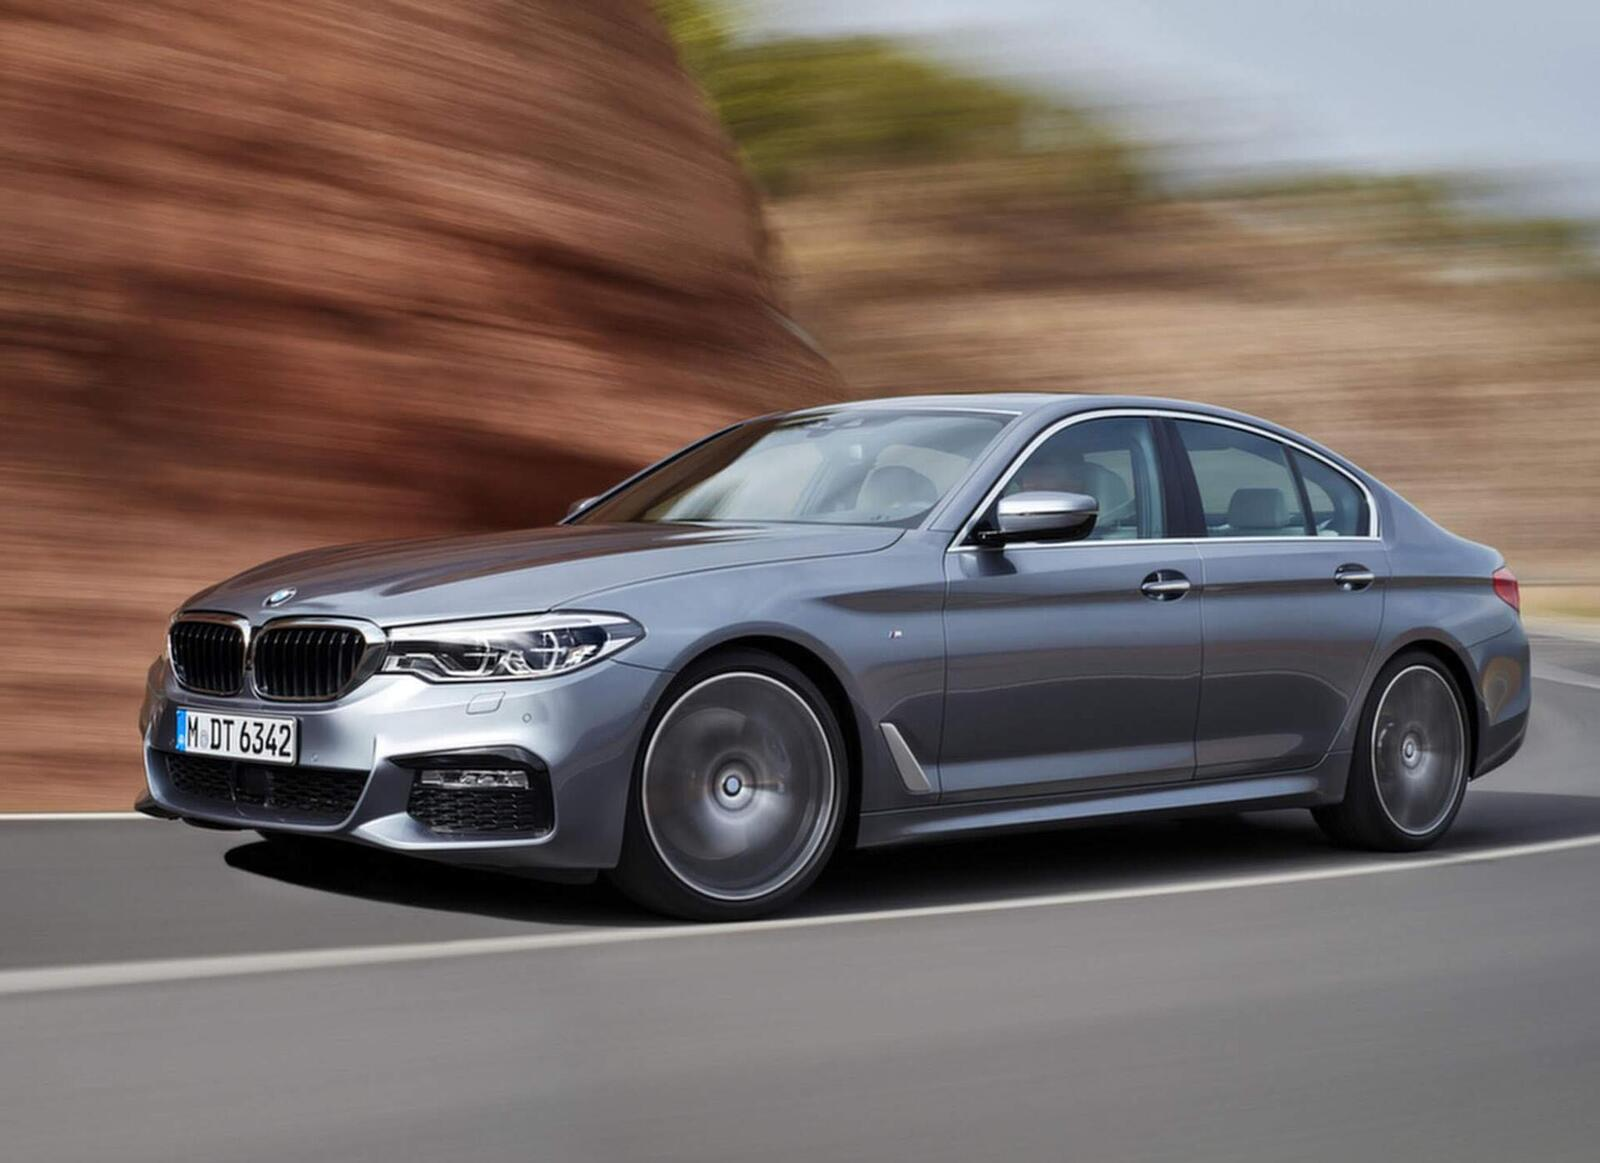 BMW 5 Series thế hệ hoàn toàn mới xuất hiện tại Hà Nội - Hình 8